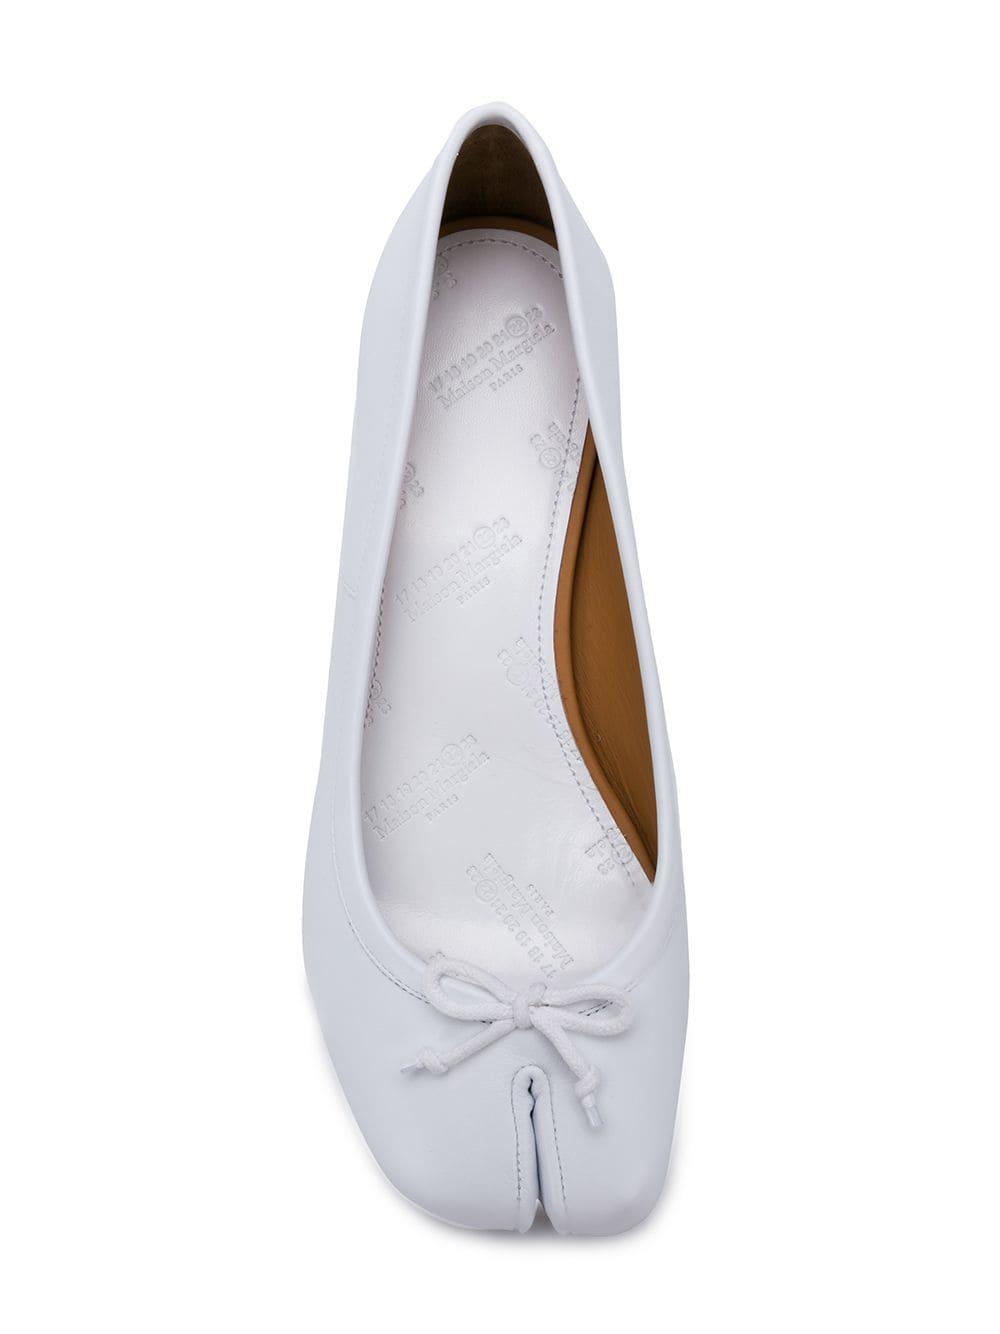 In Maison 18Lyst Sie Weiß Ballerina Margiela 'tabi' Sparen Pumps QdCWorxBEe